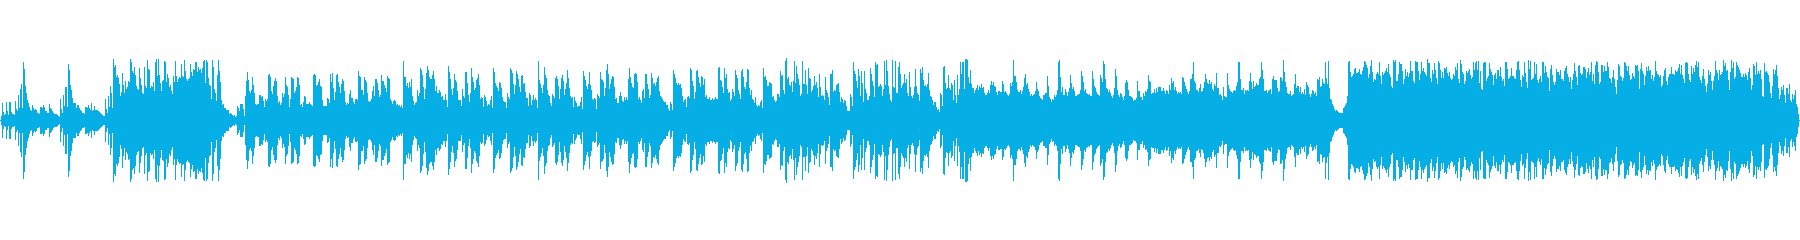 和風戦国ループロック音源の再生済みの波形